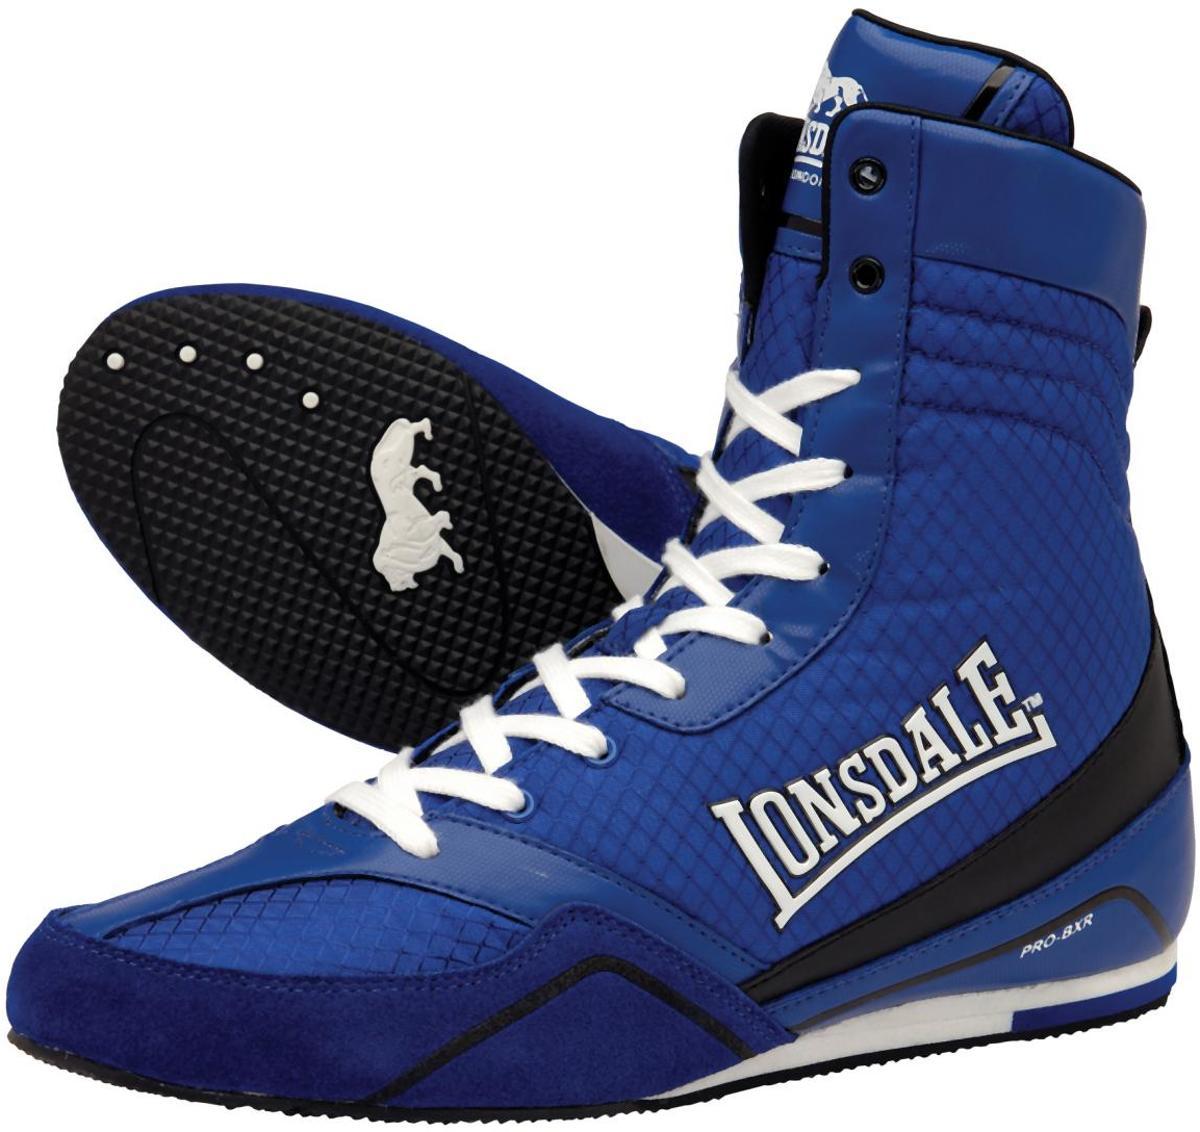 Lonsdale Quick Boksschoenen Mannen Maat 45 BlauwZwart